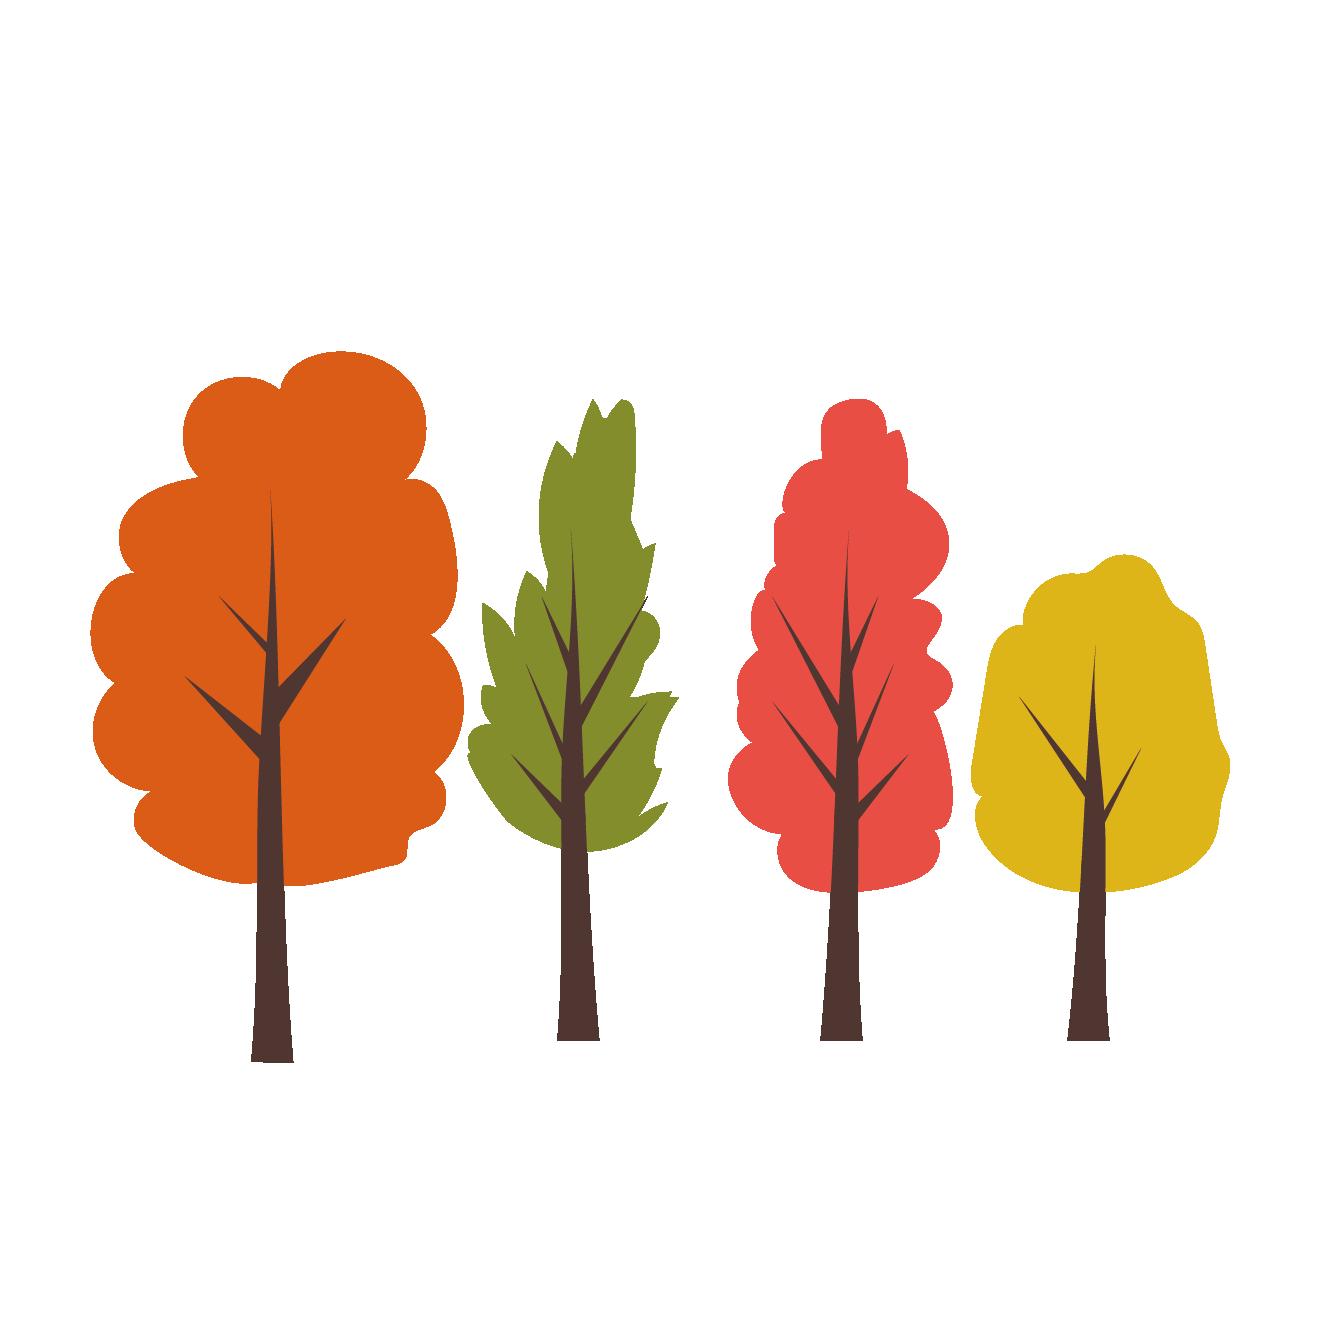 紅葉している木のイラスト【植物・グリーン・秋】 | 商用フリー(無料)の